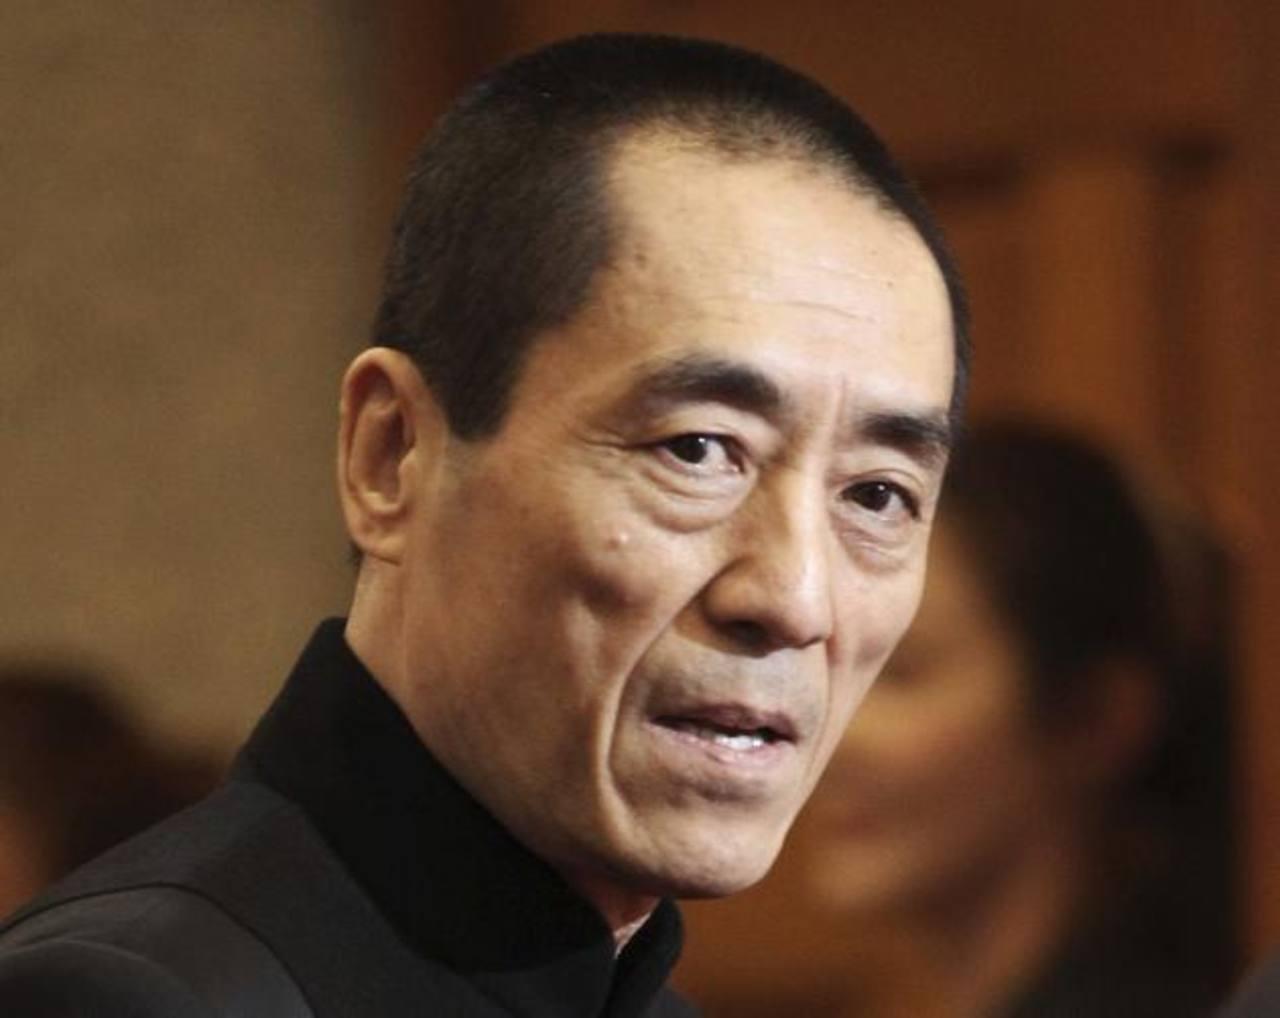 El cineasta chino Zhang Yimou debe pagar más de $1.2 millones en multas por tener 3 hijos en violación de las normas de planificación familiar de China, dijeron autoridades. Foto/ AP - Archivo